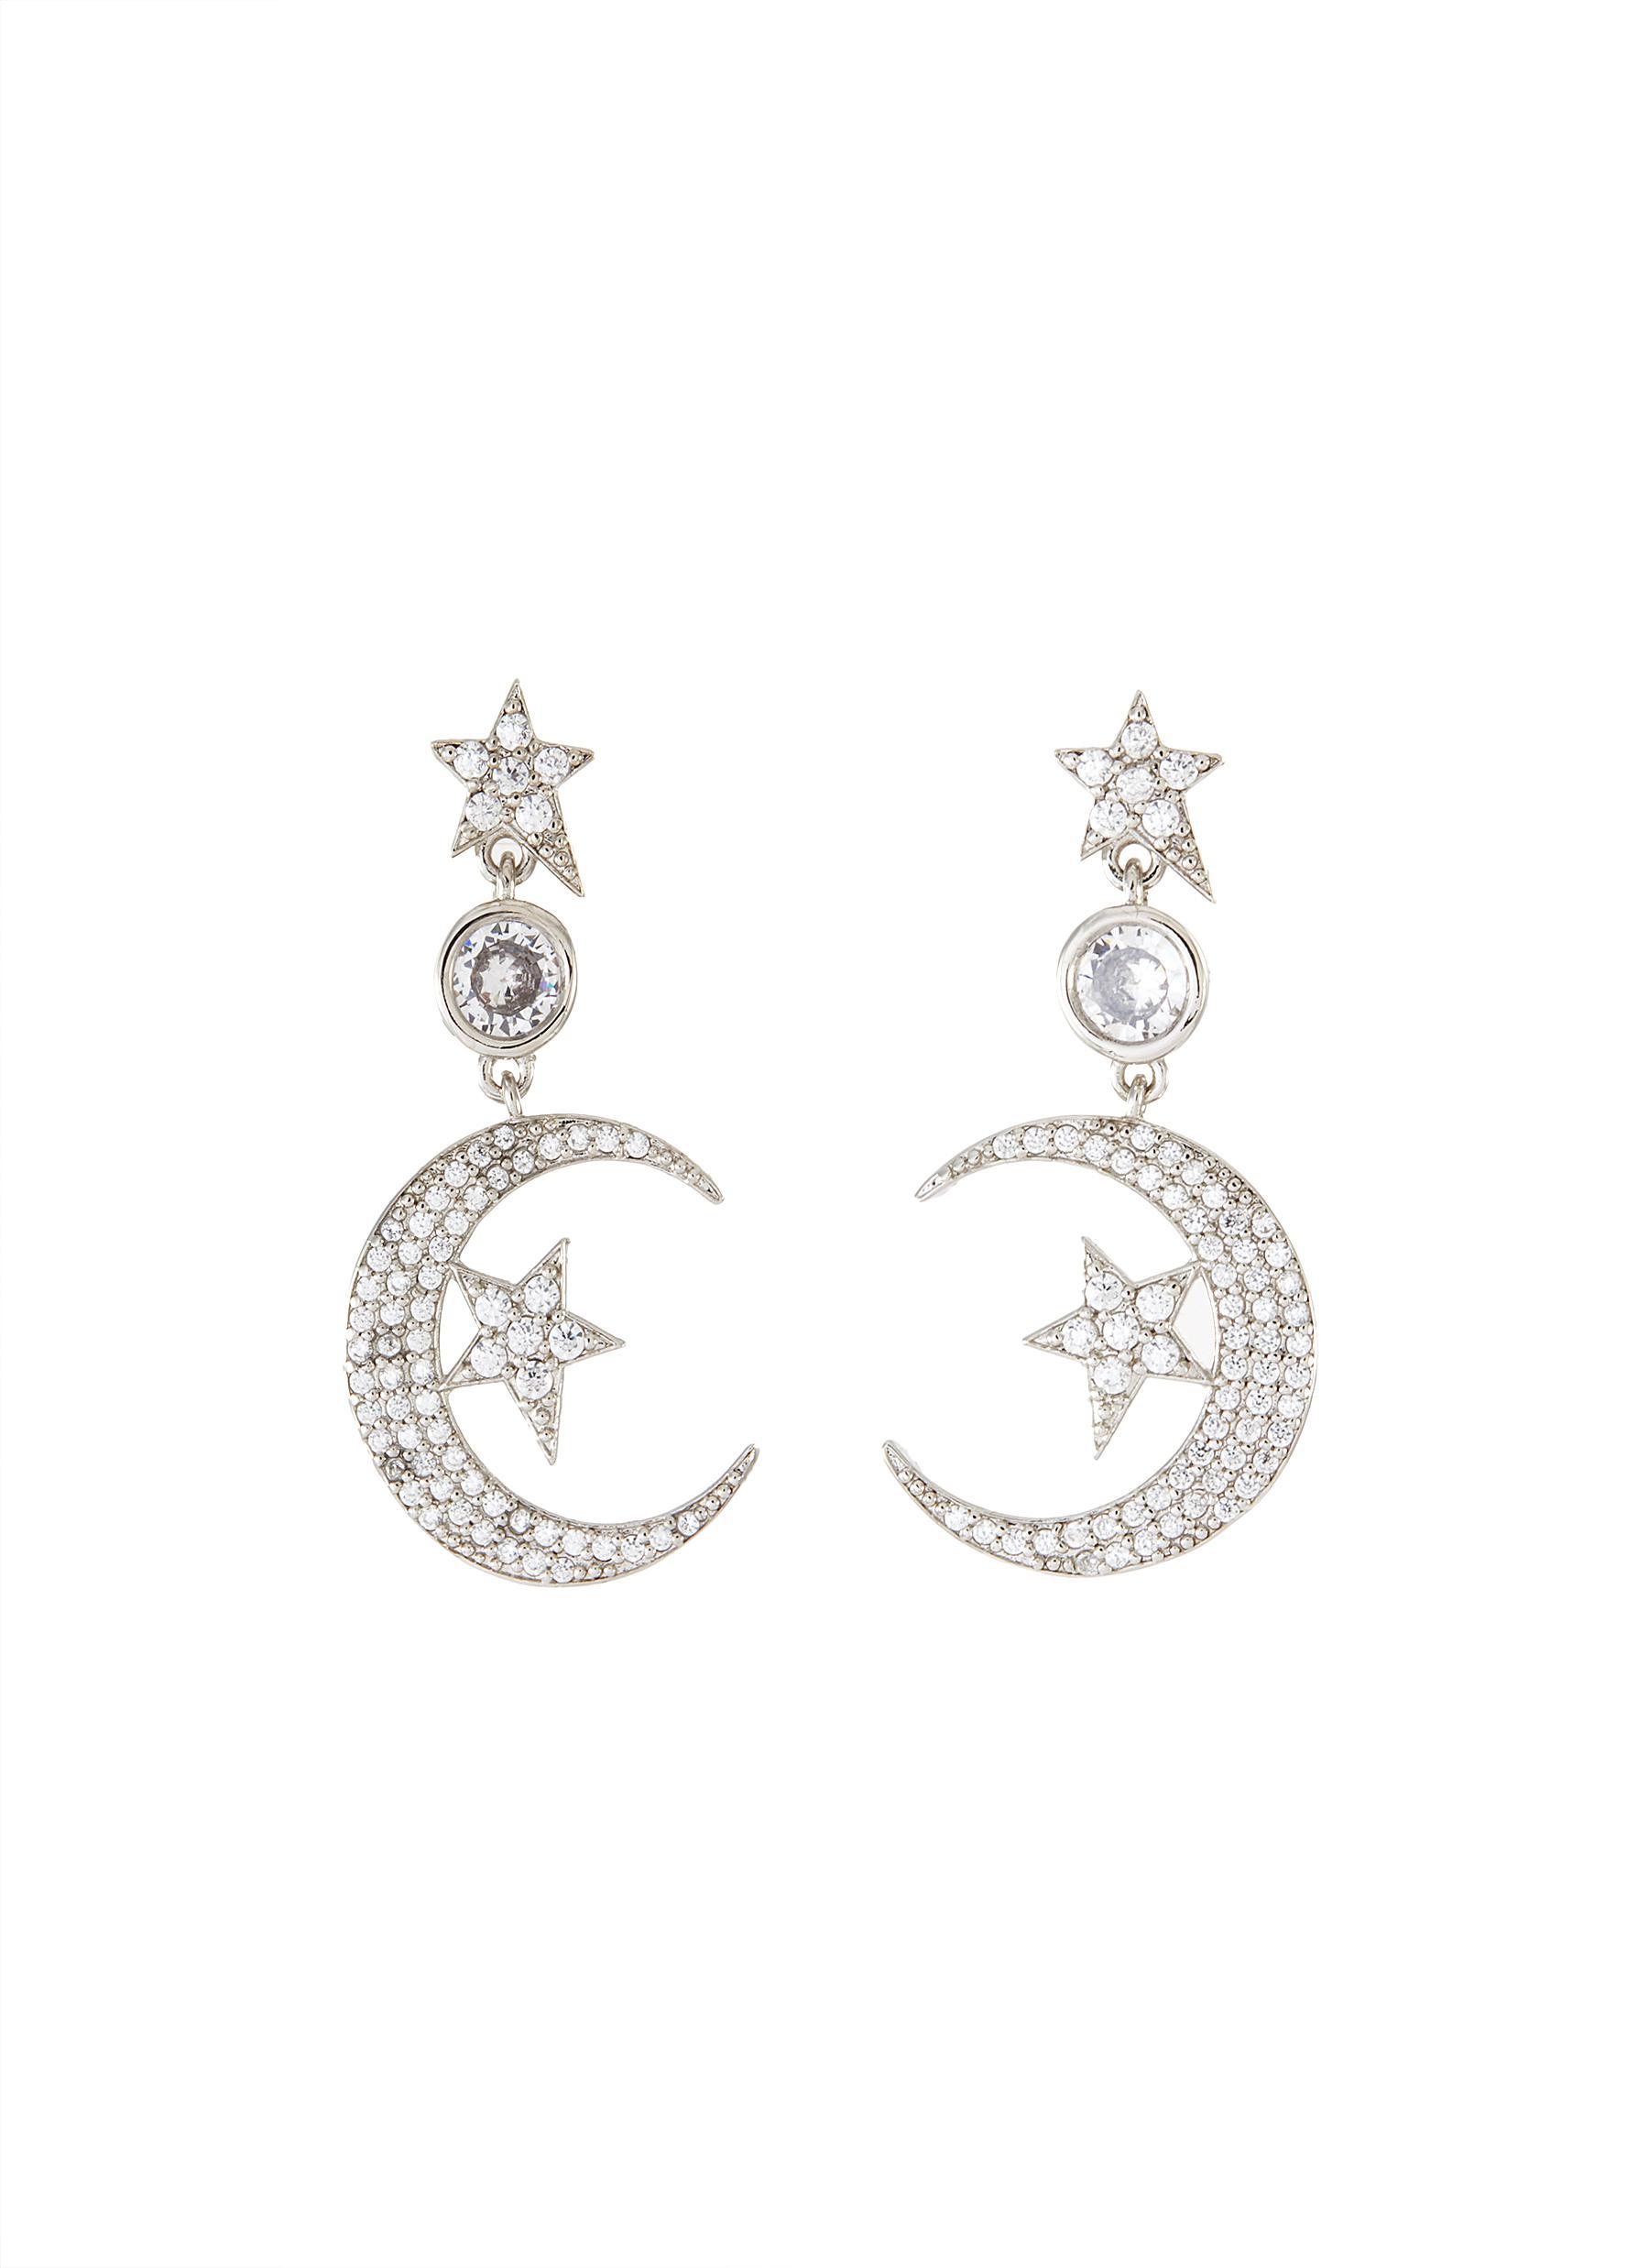 Cubic Zirconia Moon Star Motif Drop Earrings